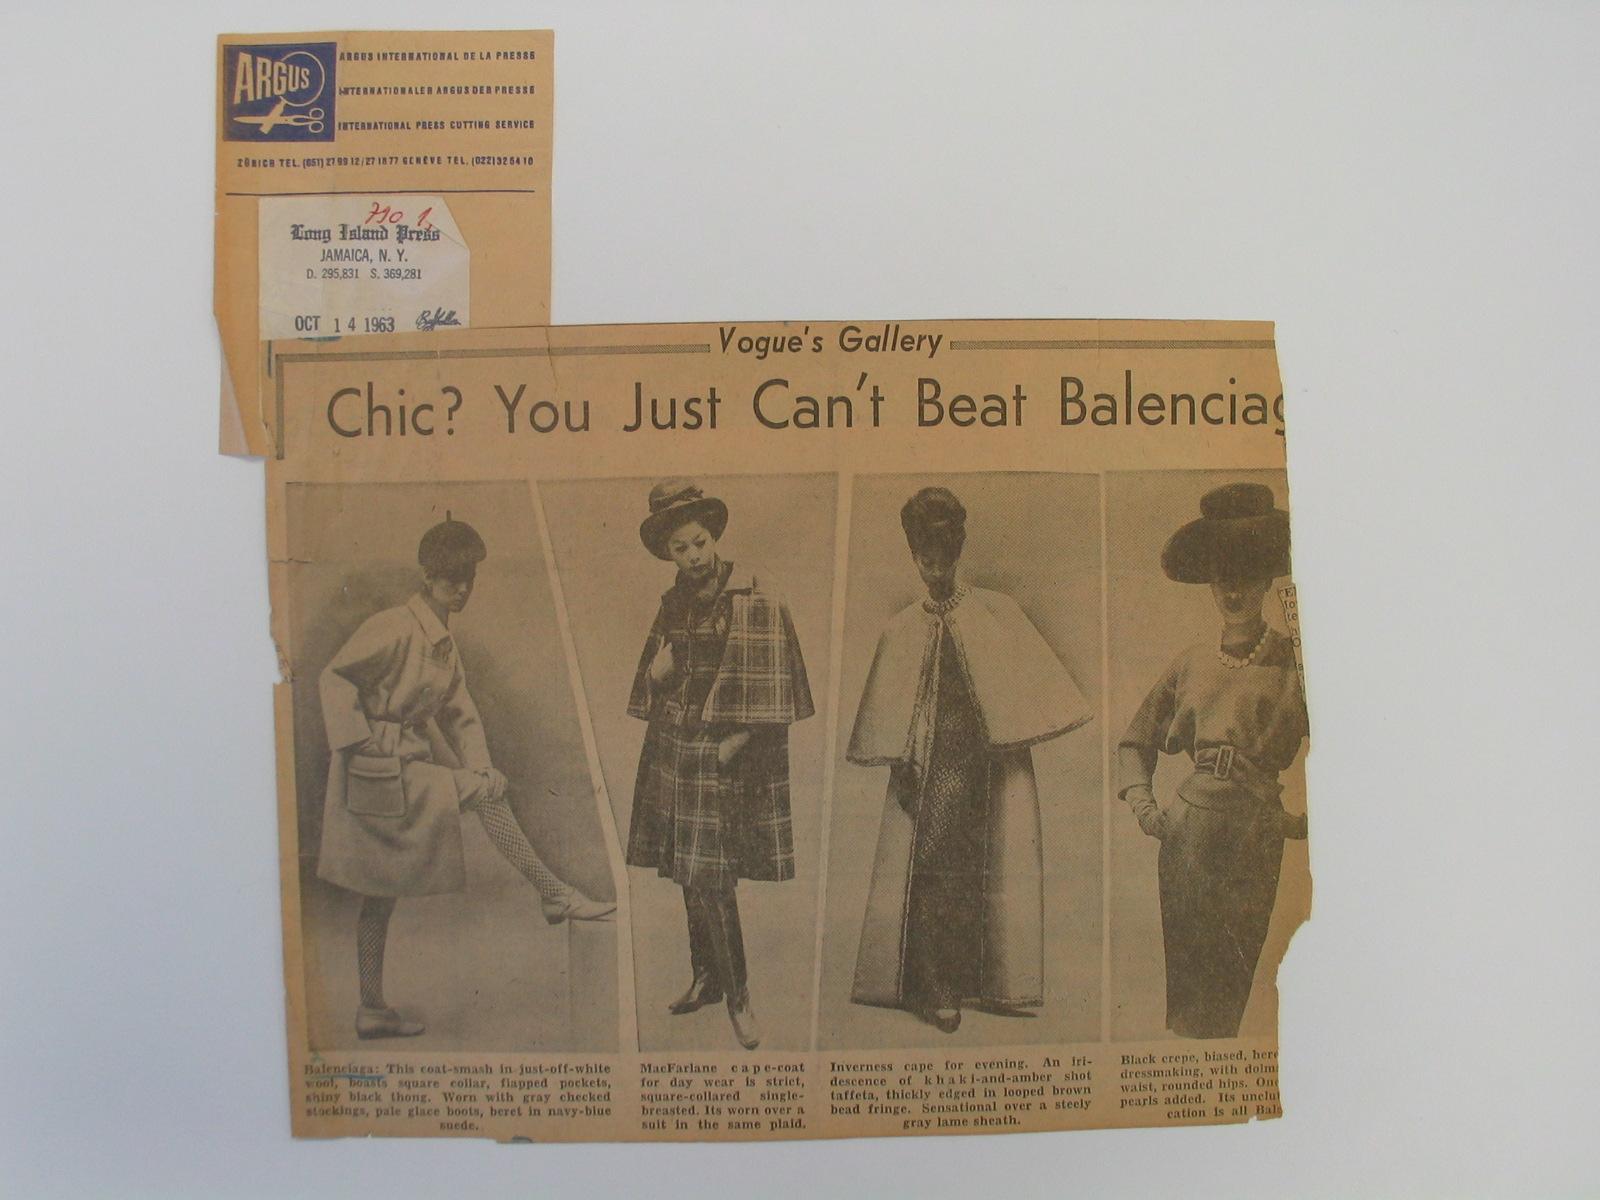 """Recorte de prensa con el artículo """"Chic? You just can't beat Balenciaga"""" con fotografías de modelos de abrigos, capas y vestido"""